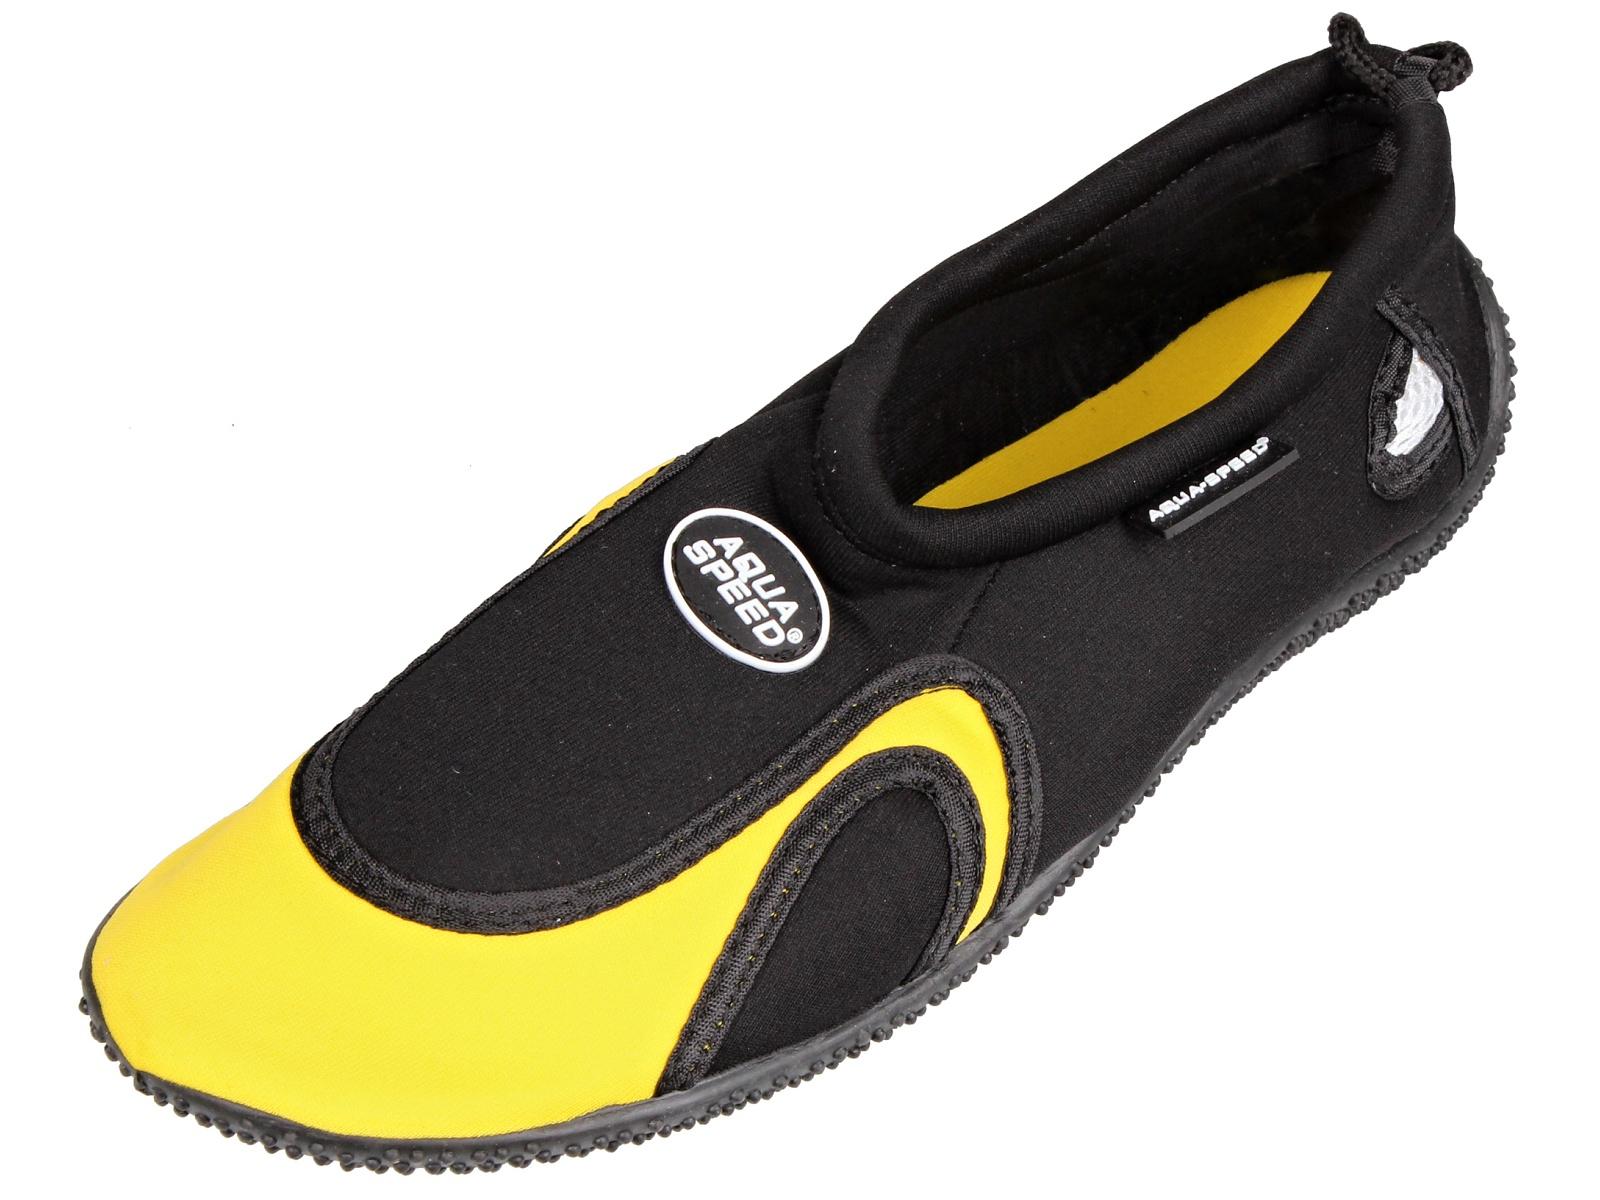 Topánky do vody AQUA-SPEED 18 - veľ. 44